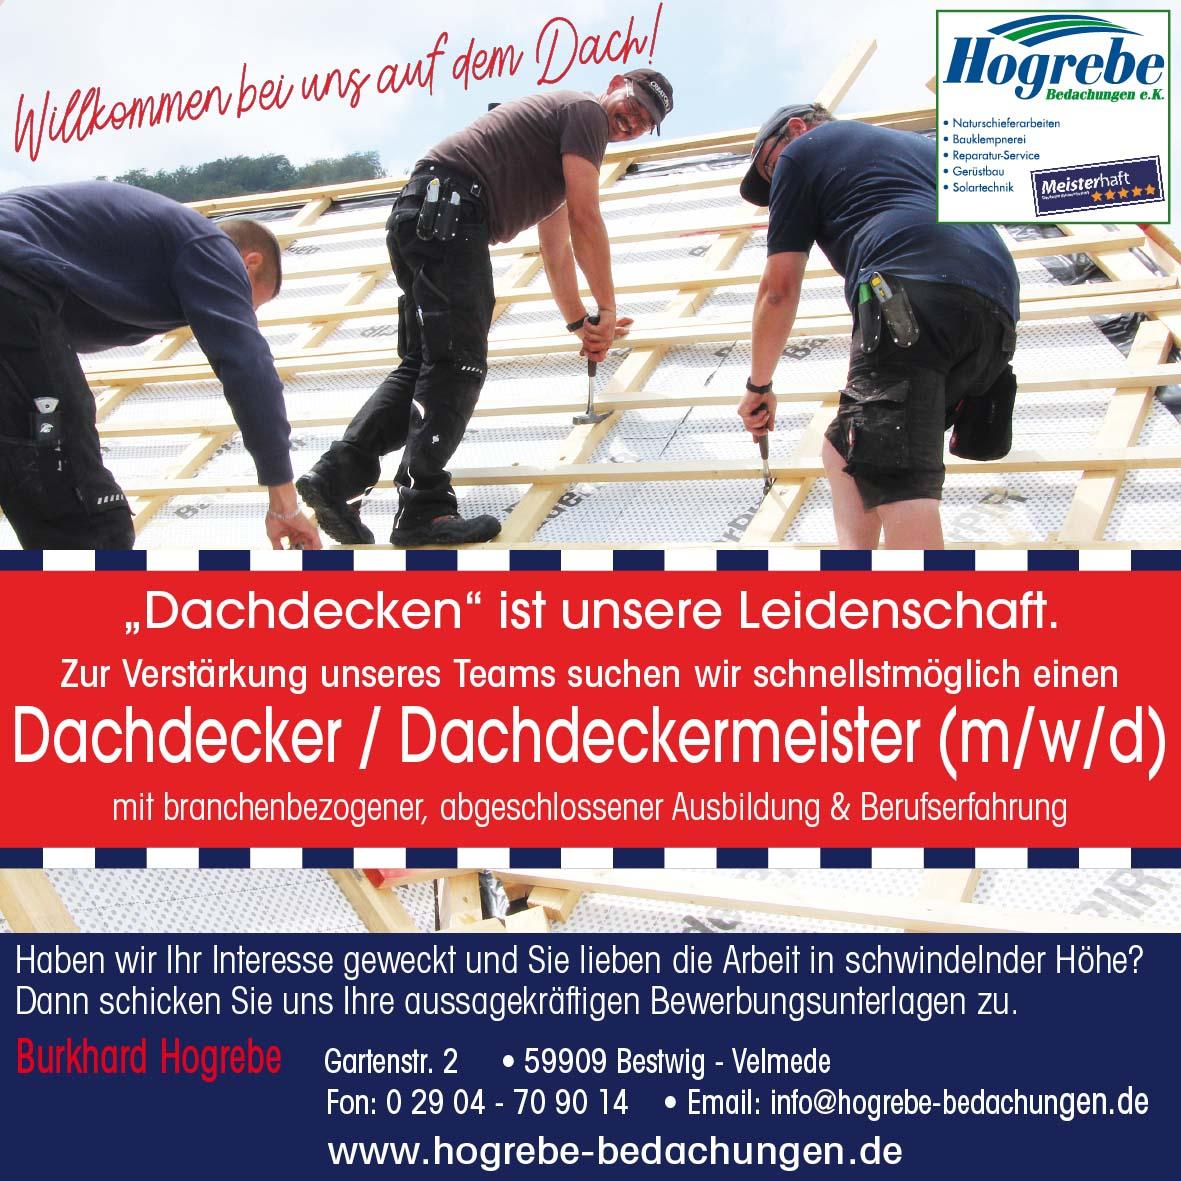 Hogrebe Bedachungen Dachdecker / Dachdeckermeister gesucht